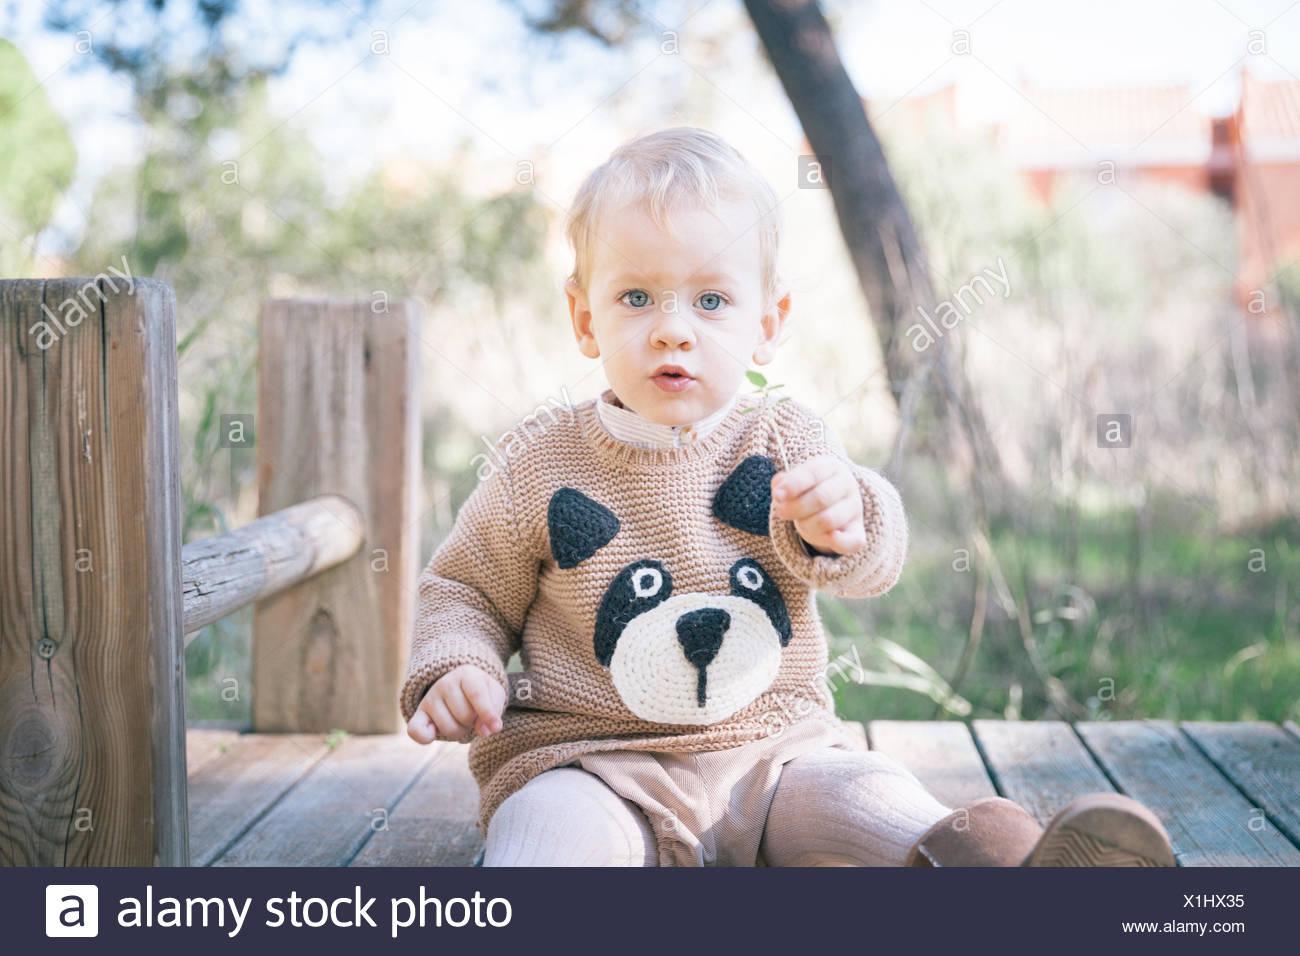 Garçon assis sur une structure construite en jeu pour enfants Banque D'Images